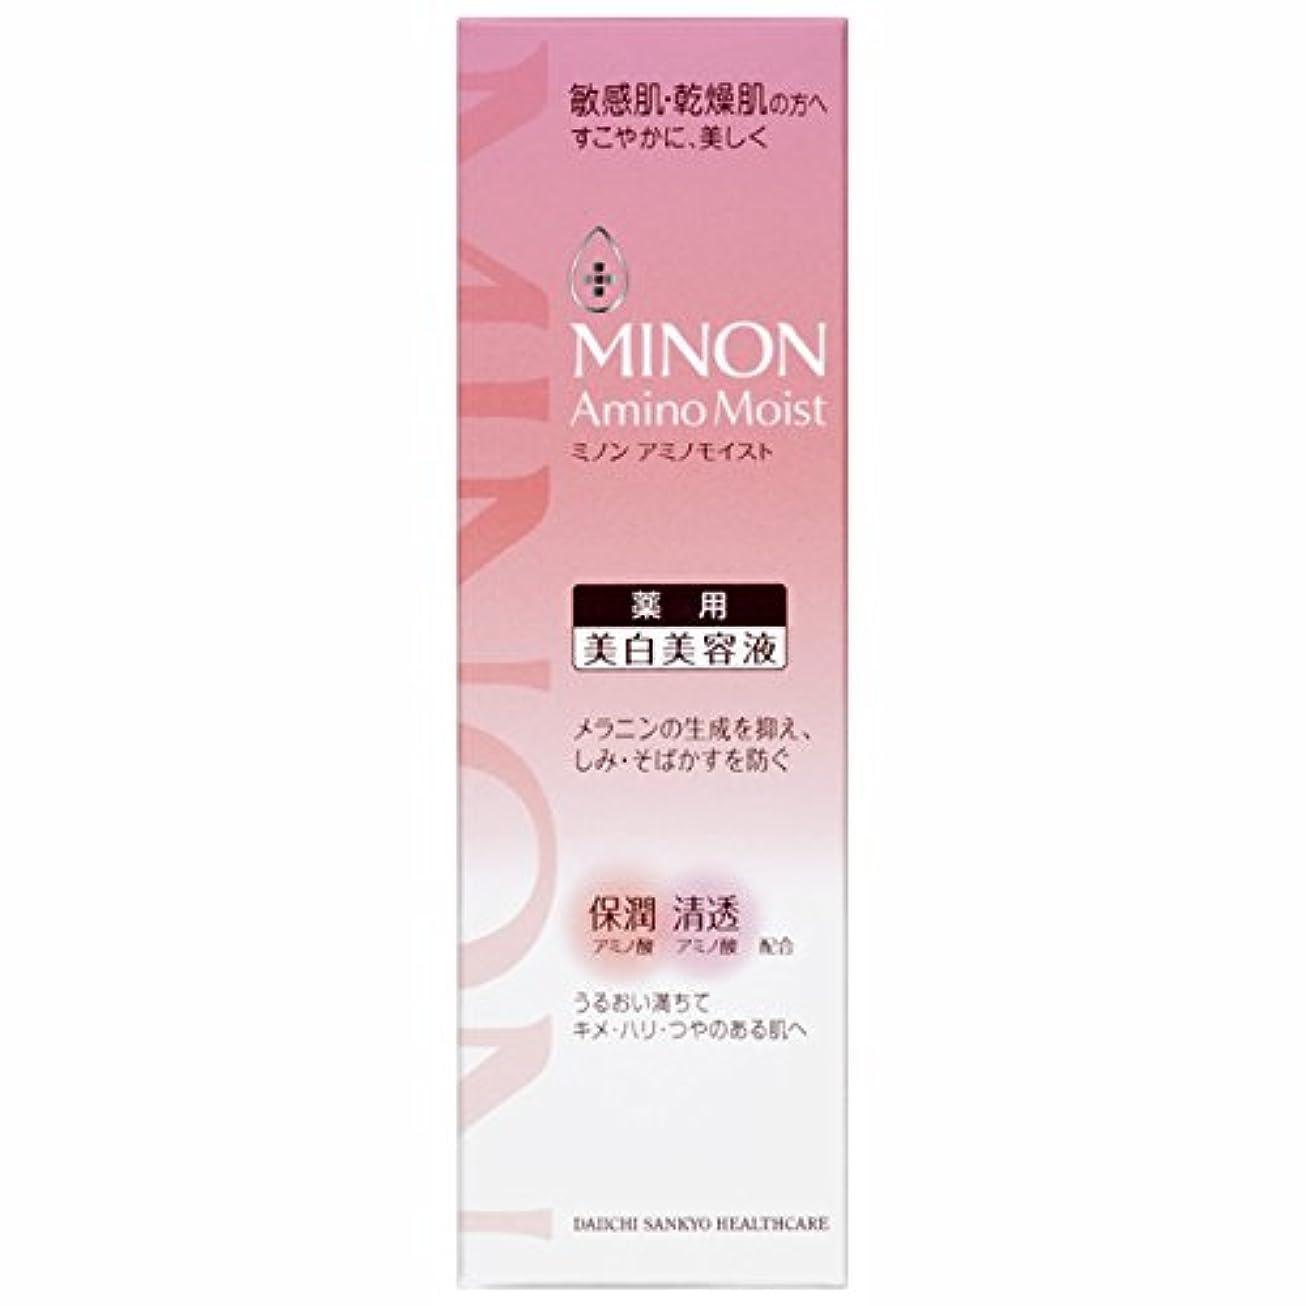 ウールすごい気付くミノン アミノモイスト 薬用マイルド ホワイトニング 30g (医薬部外品)